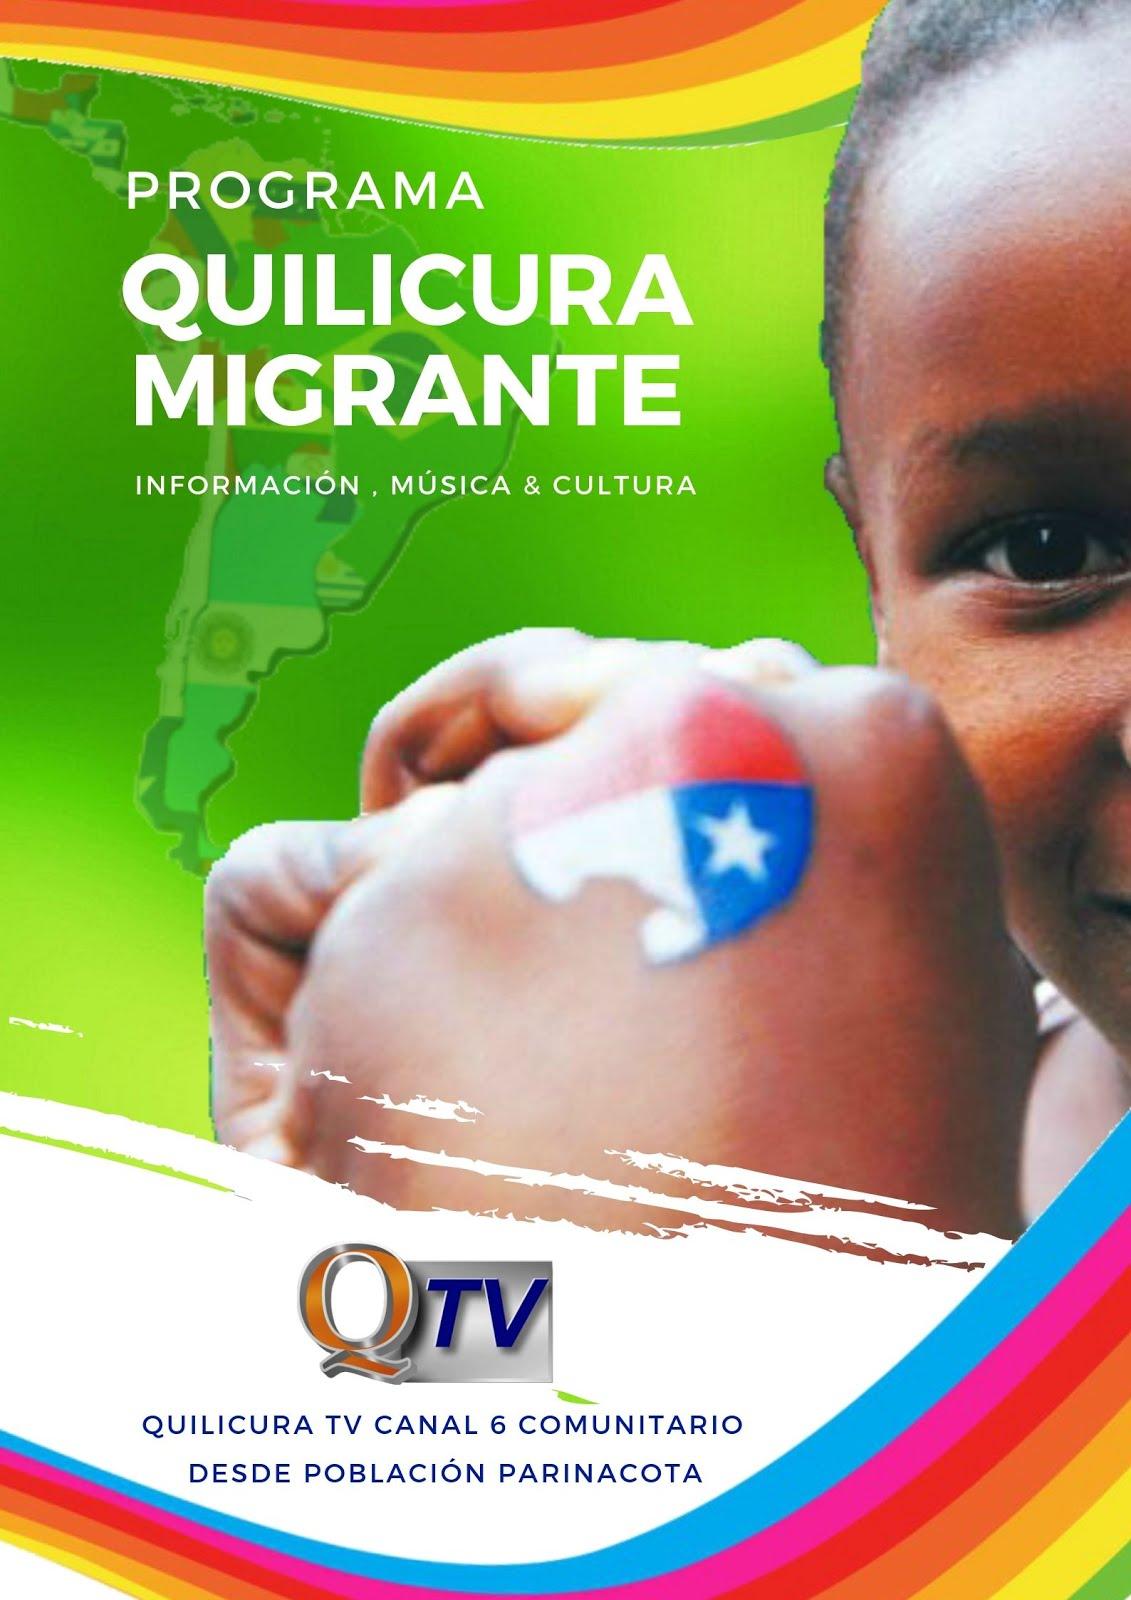 Programa QUILICURA MIGRANTE Información, Música &Cultura